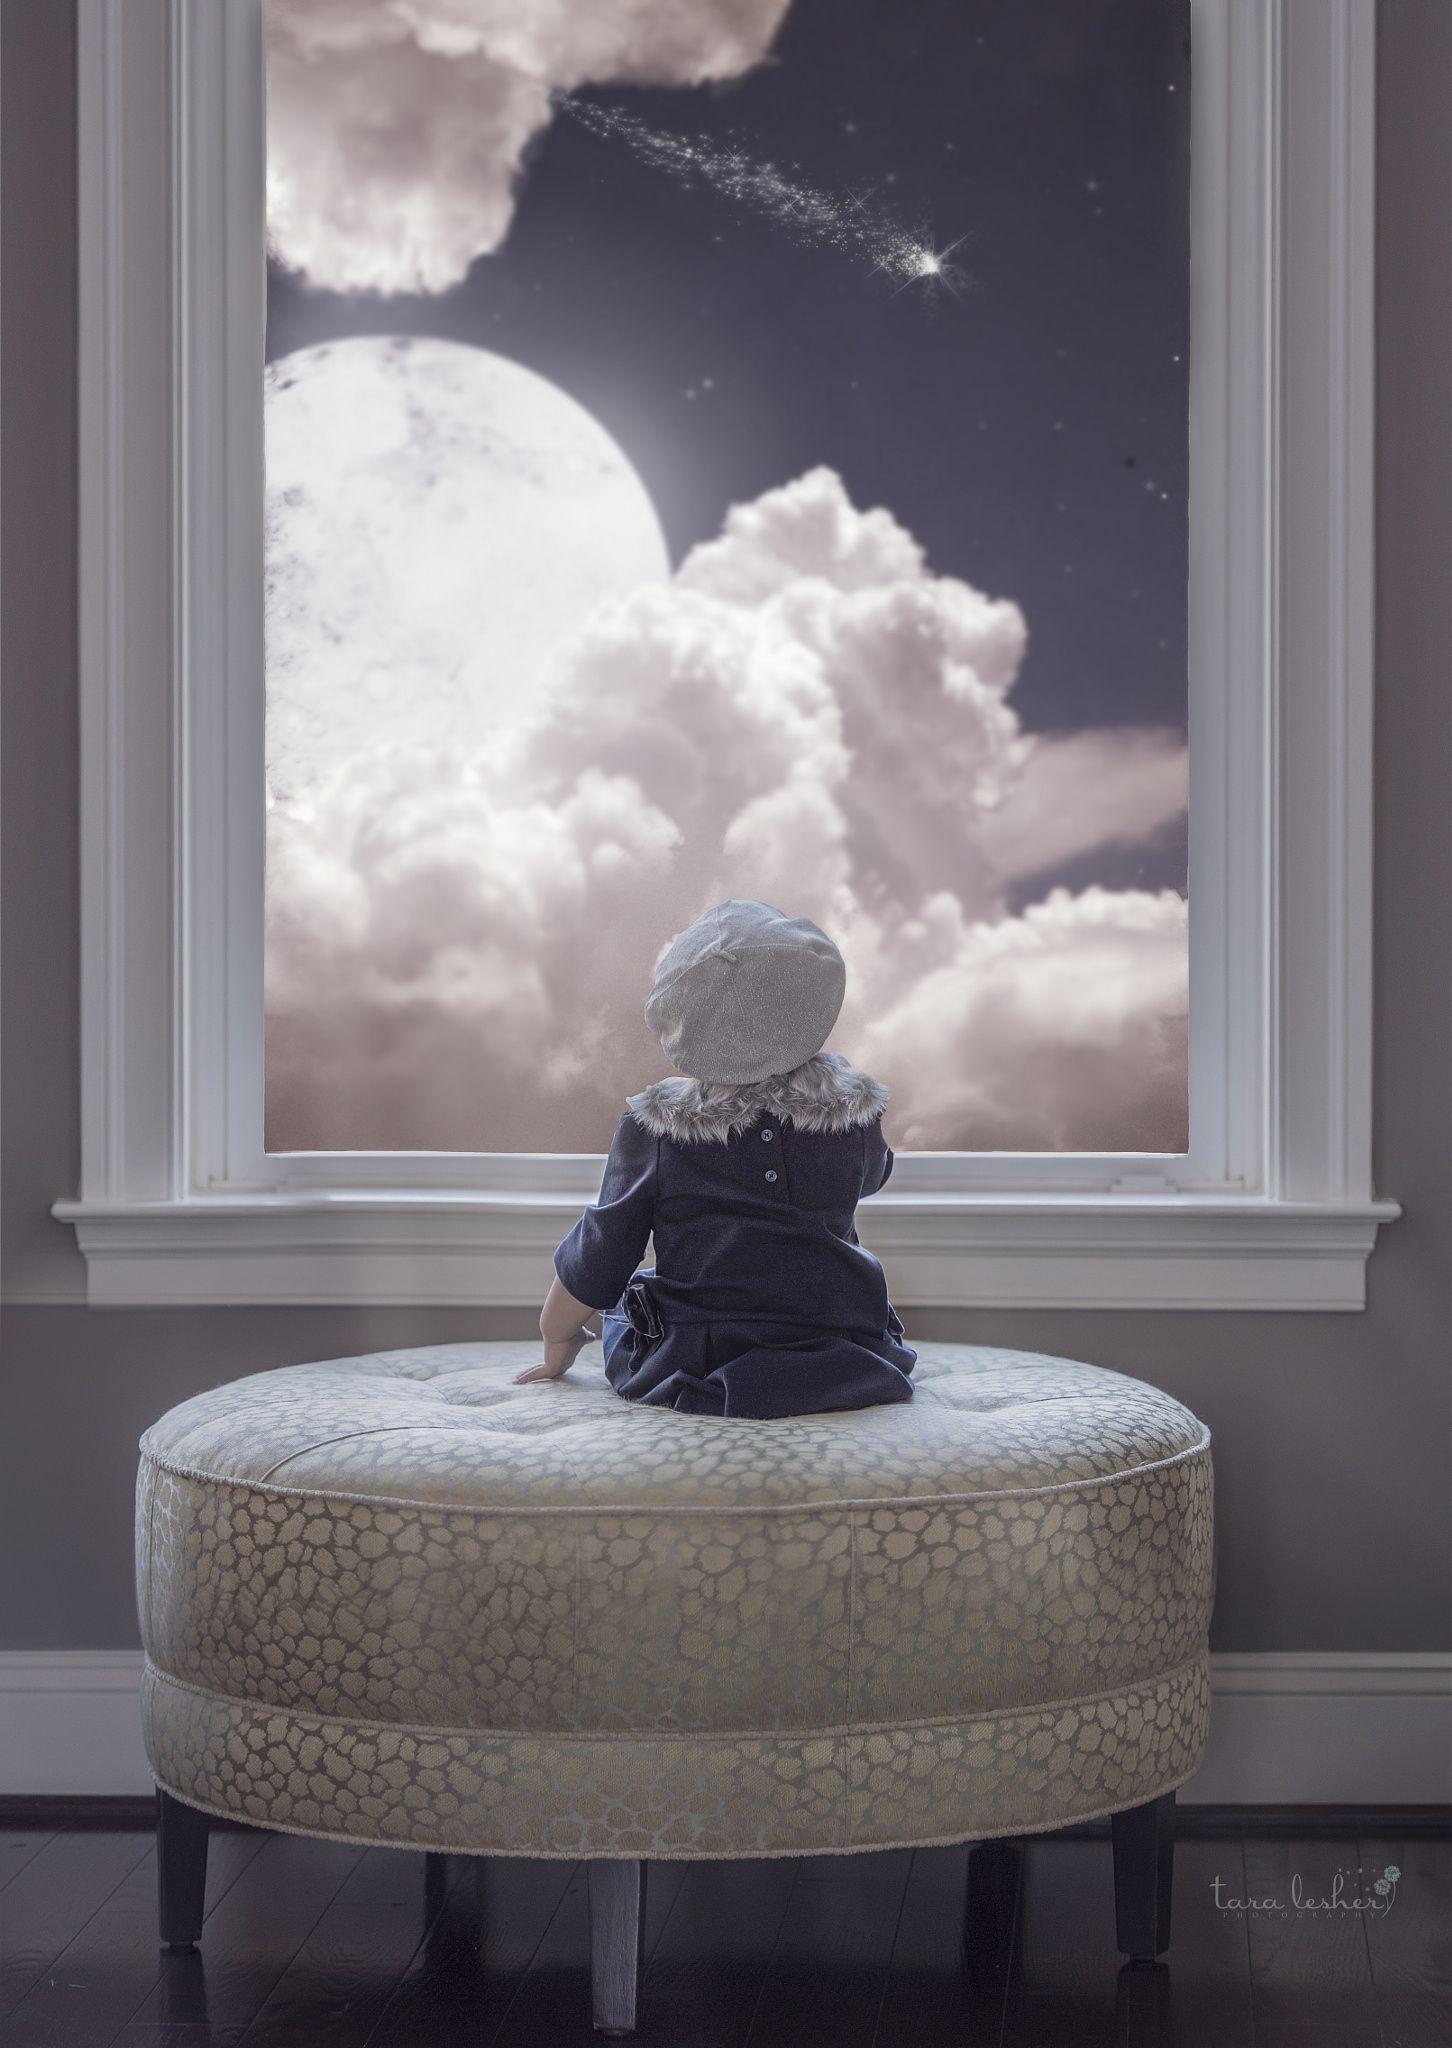 I wish I may, i wish I might - Wish on a star composite - Photograph Tara Lesher